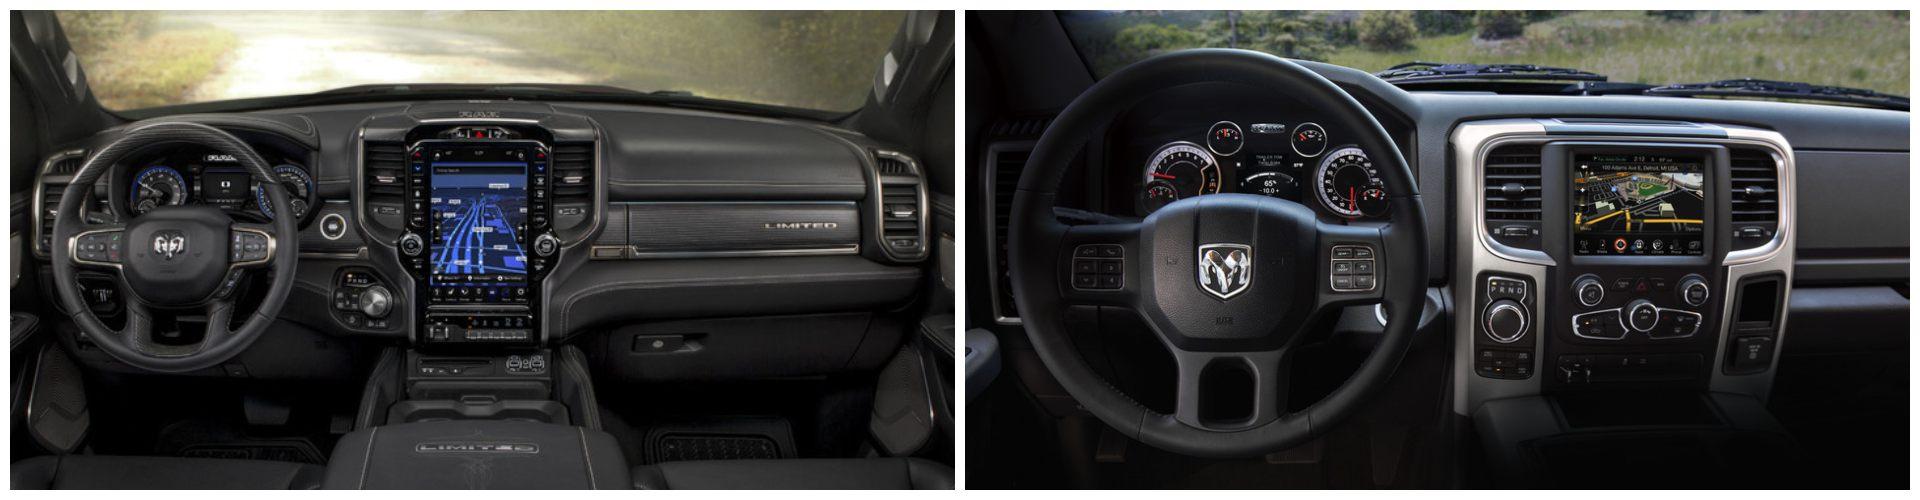 2020 RAM 1500 vs RAM 1500 Classic Interior